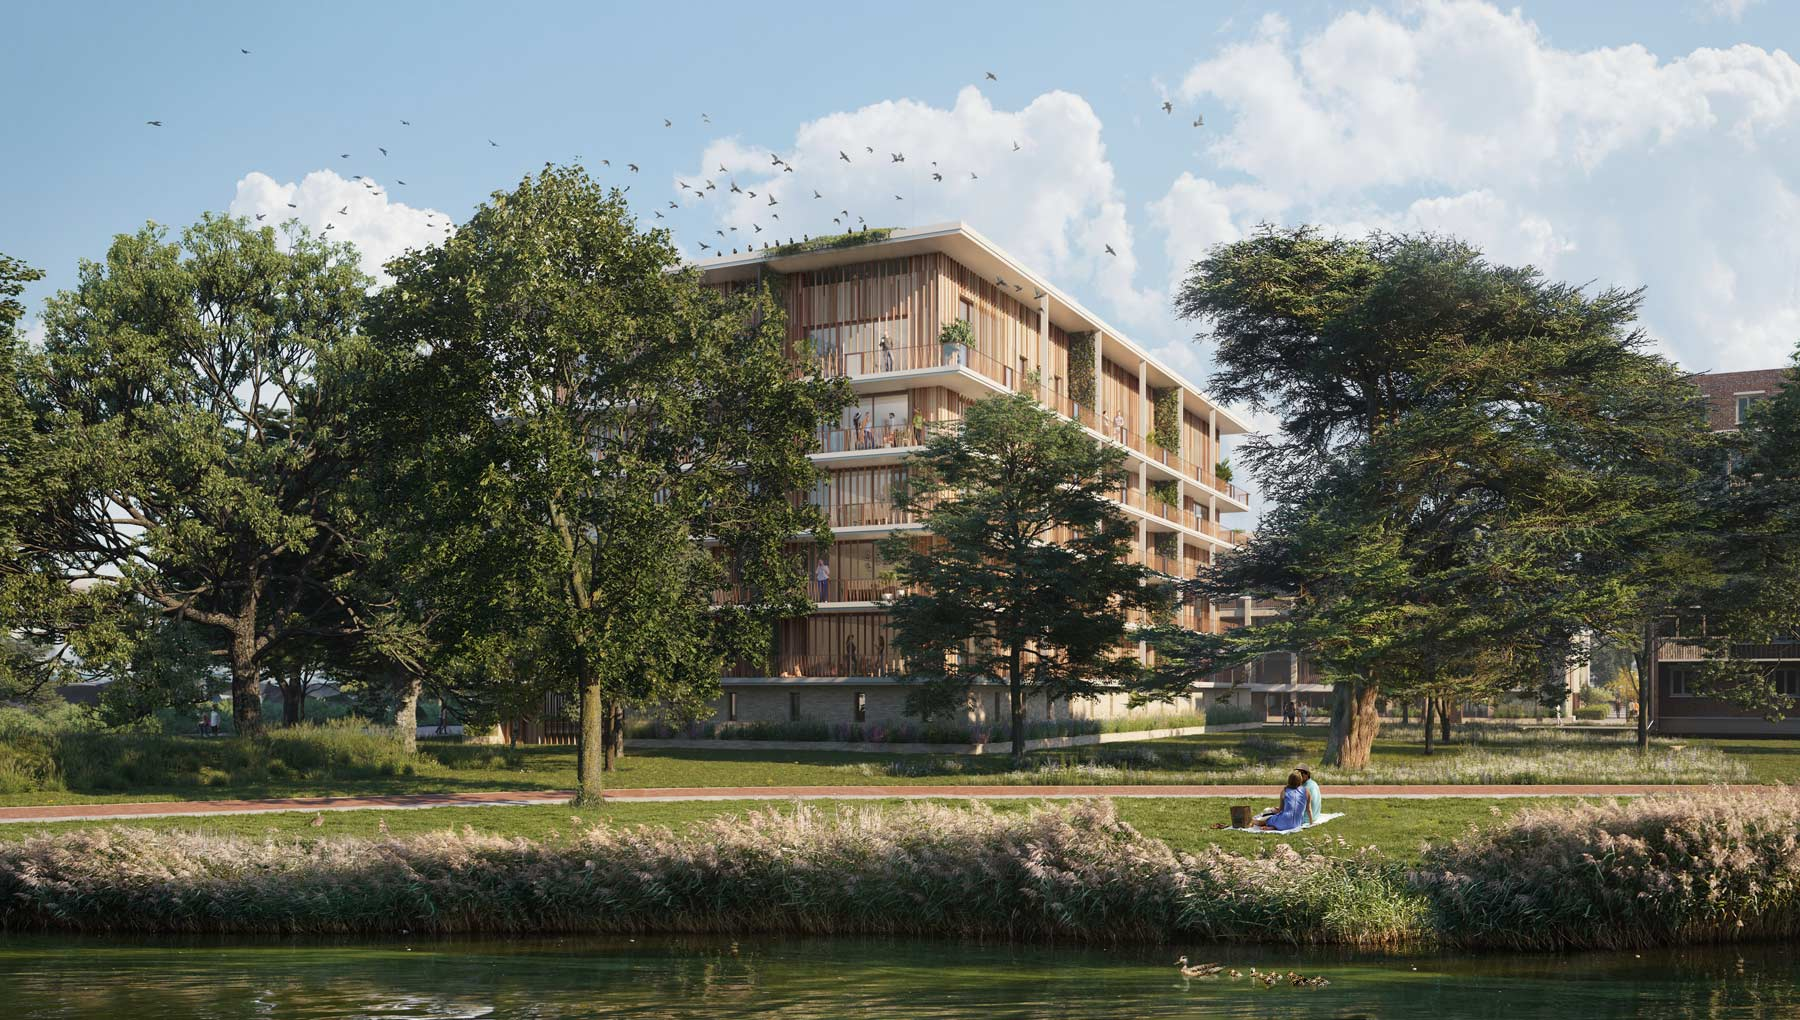 Overeenkomst voor 179 nieuwe woningen op terrein Valkenhof